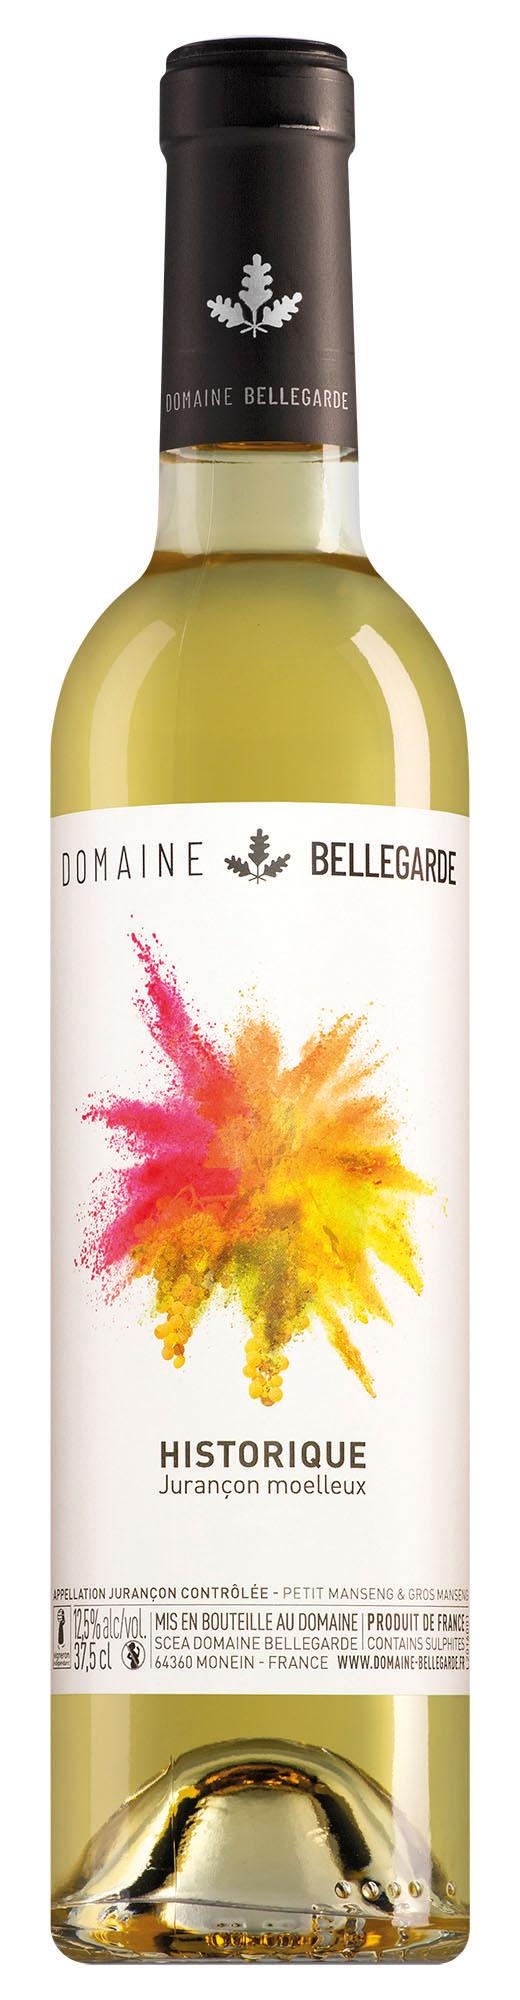 Domaine Bellegarde Jurançon Moelleux halve fles